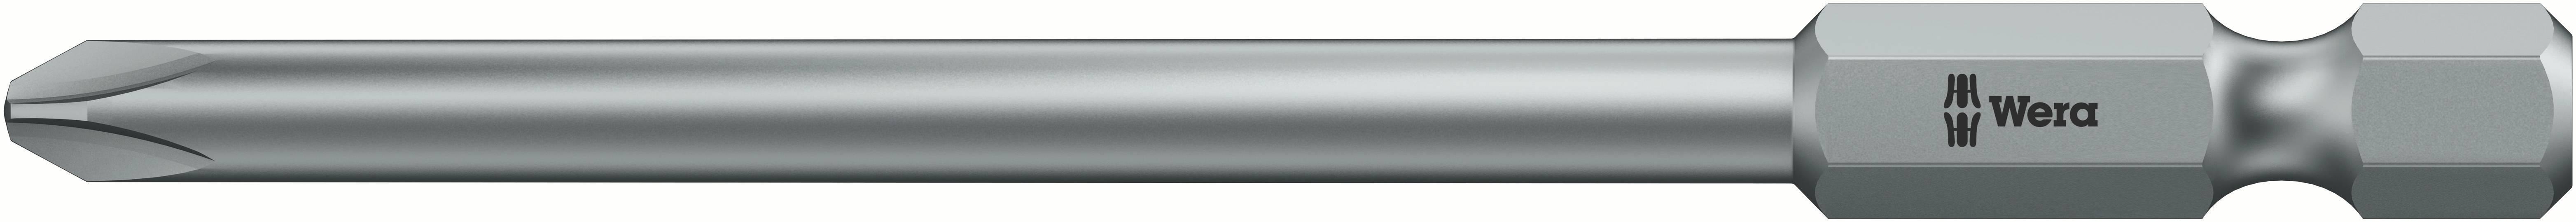 Prodloužený křížový bit Wera 851/4 Z PH 2 x 89 mm;6 mm 05059775001, nástrojová ocel, 1 ks